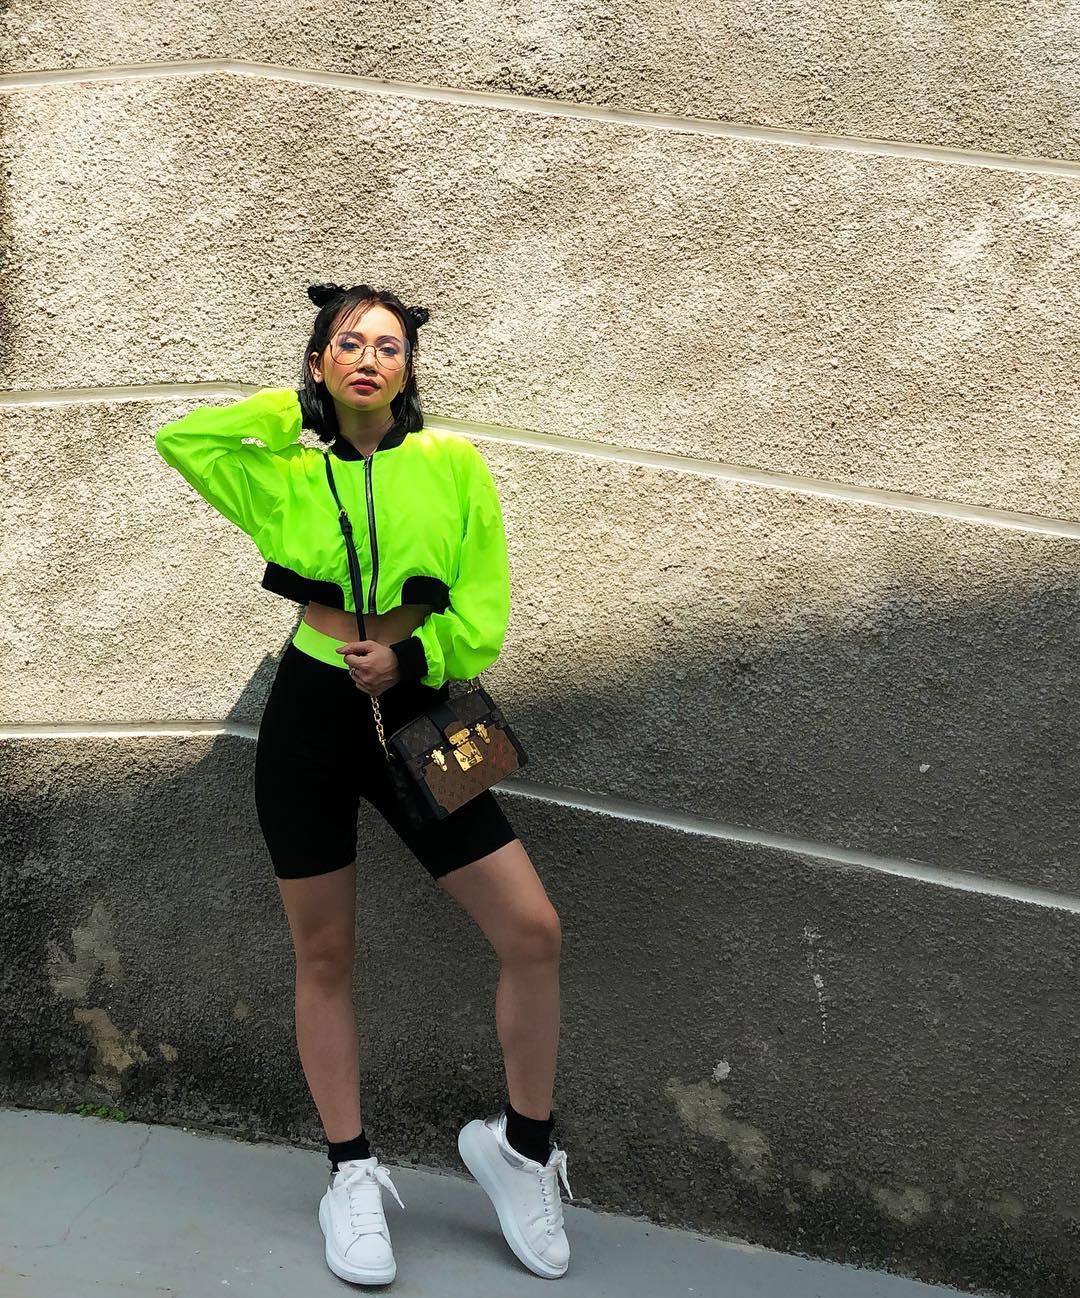 xu hướng thời trang 2019 - sĩ thanh